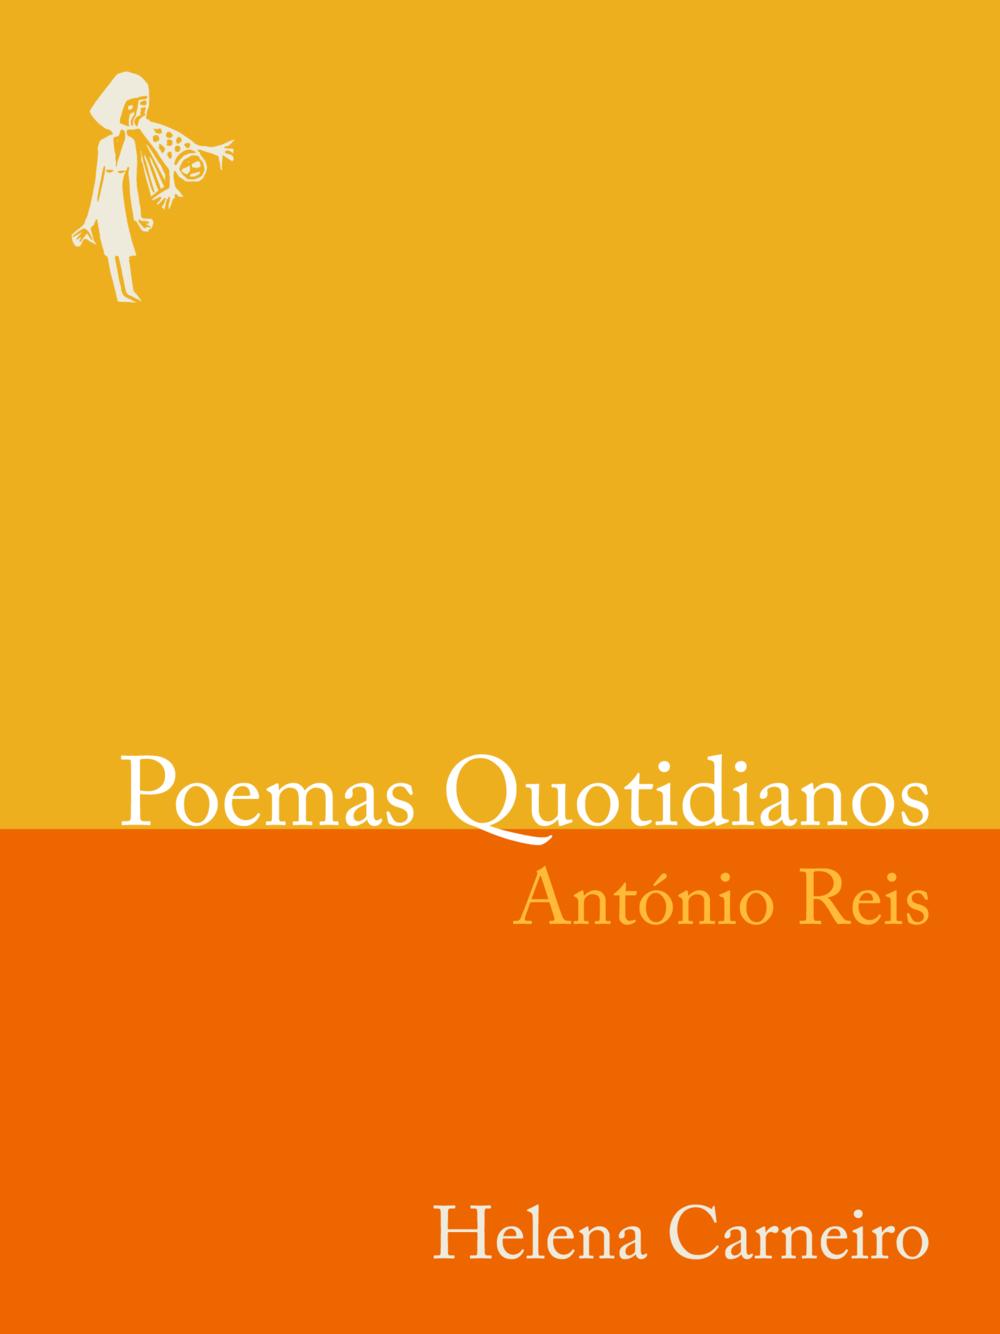 poemasHC.png